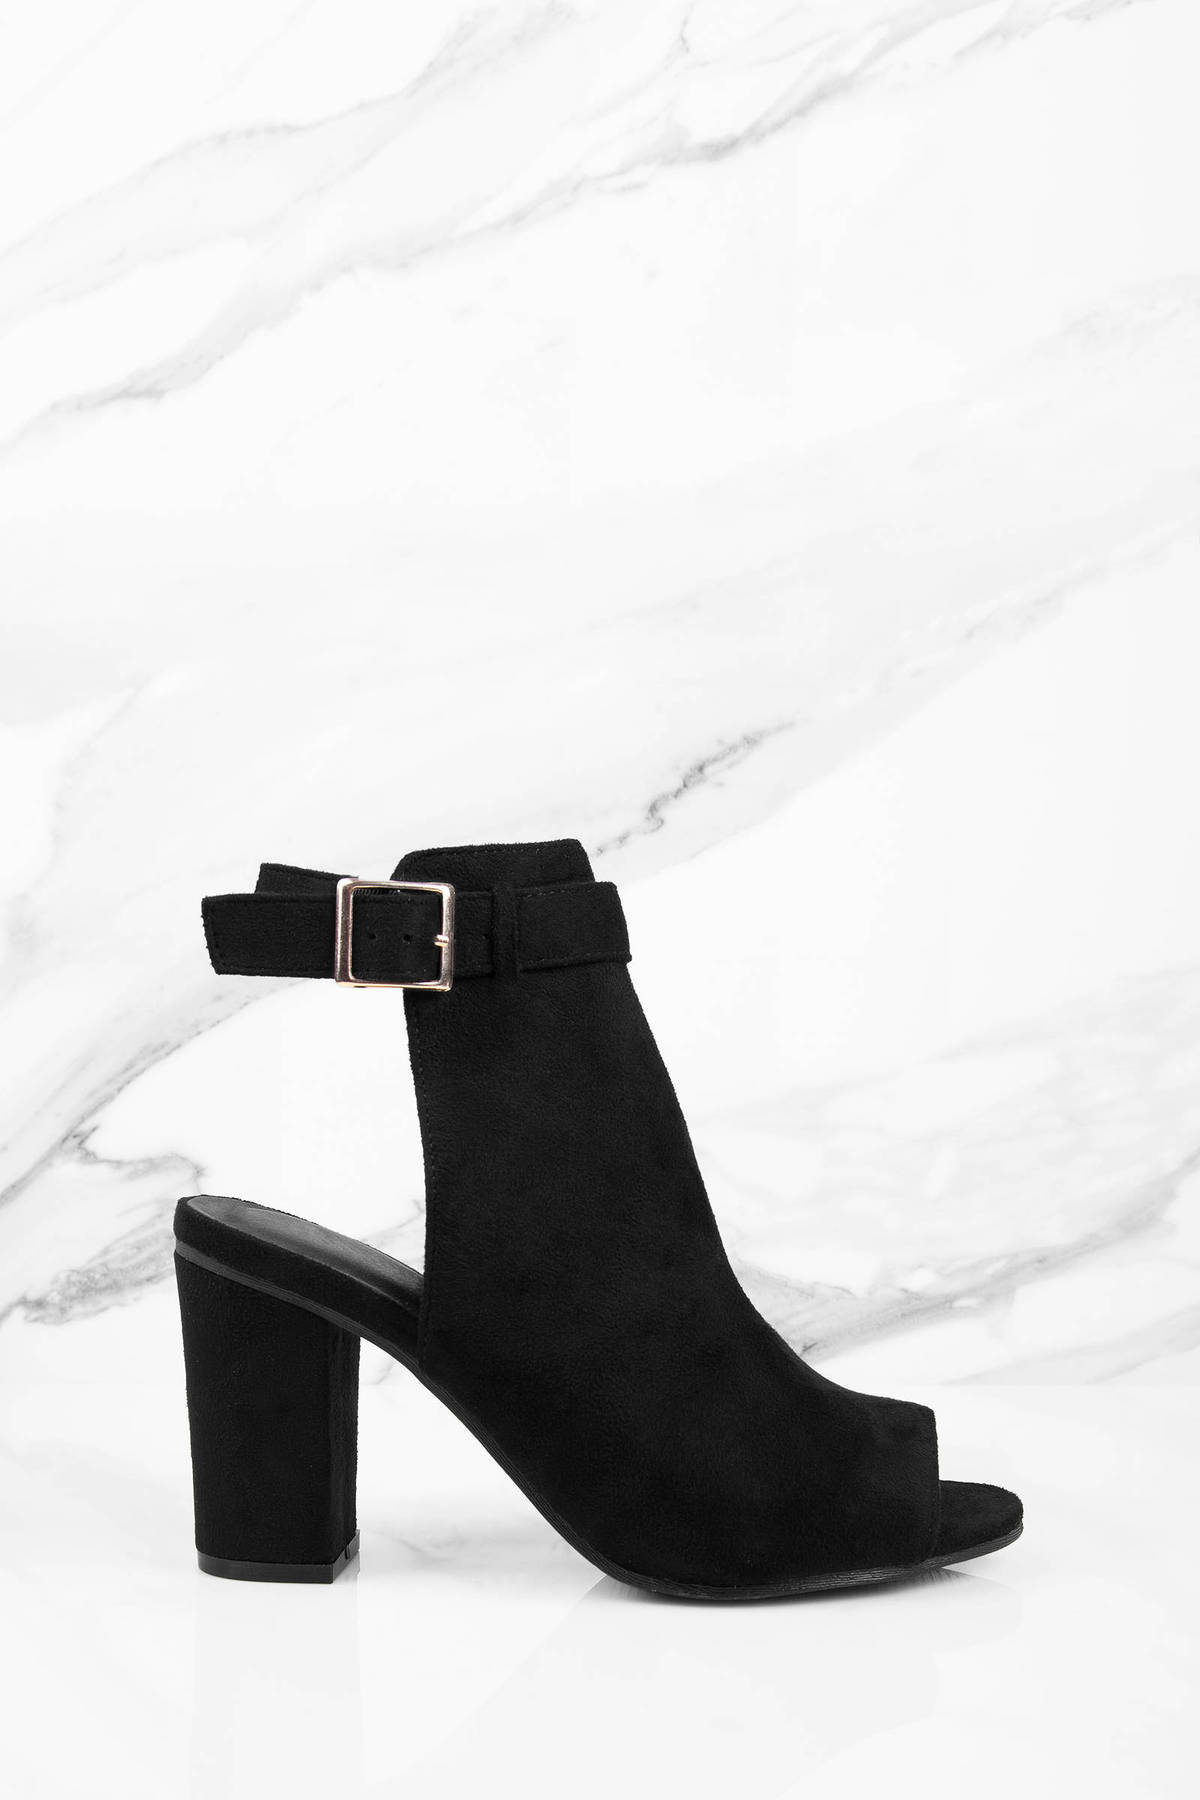 Peep Toe Heels | Open Toe Heels, Pointed Toe Heels | Tobi